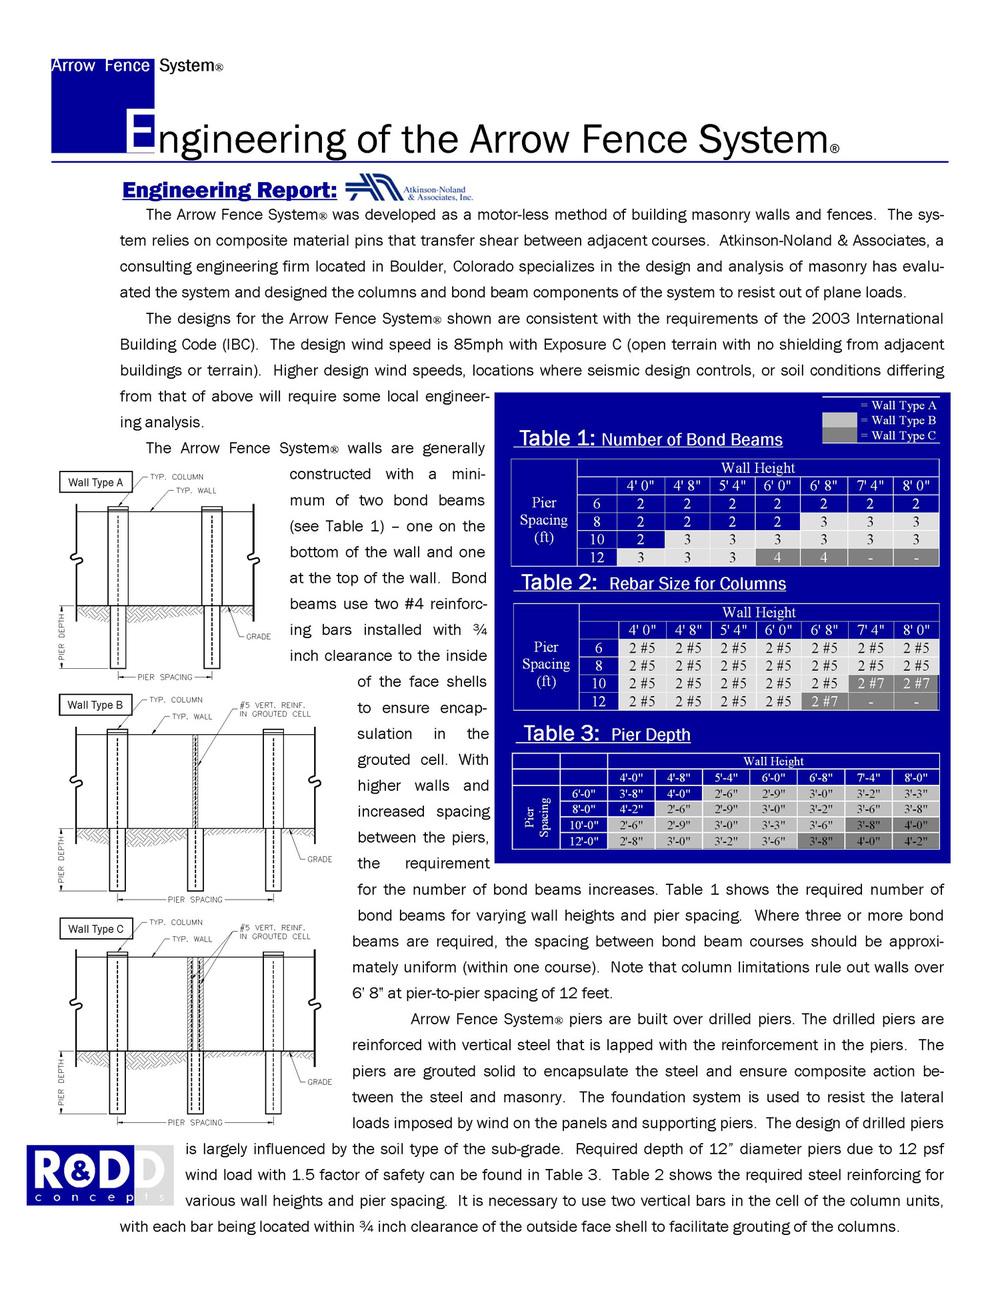 engineering report excerpt